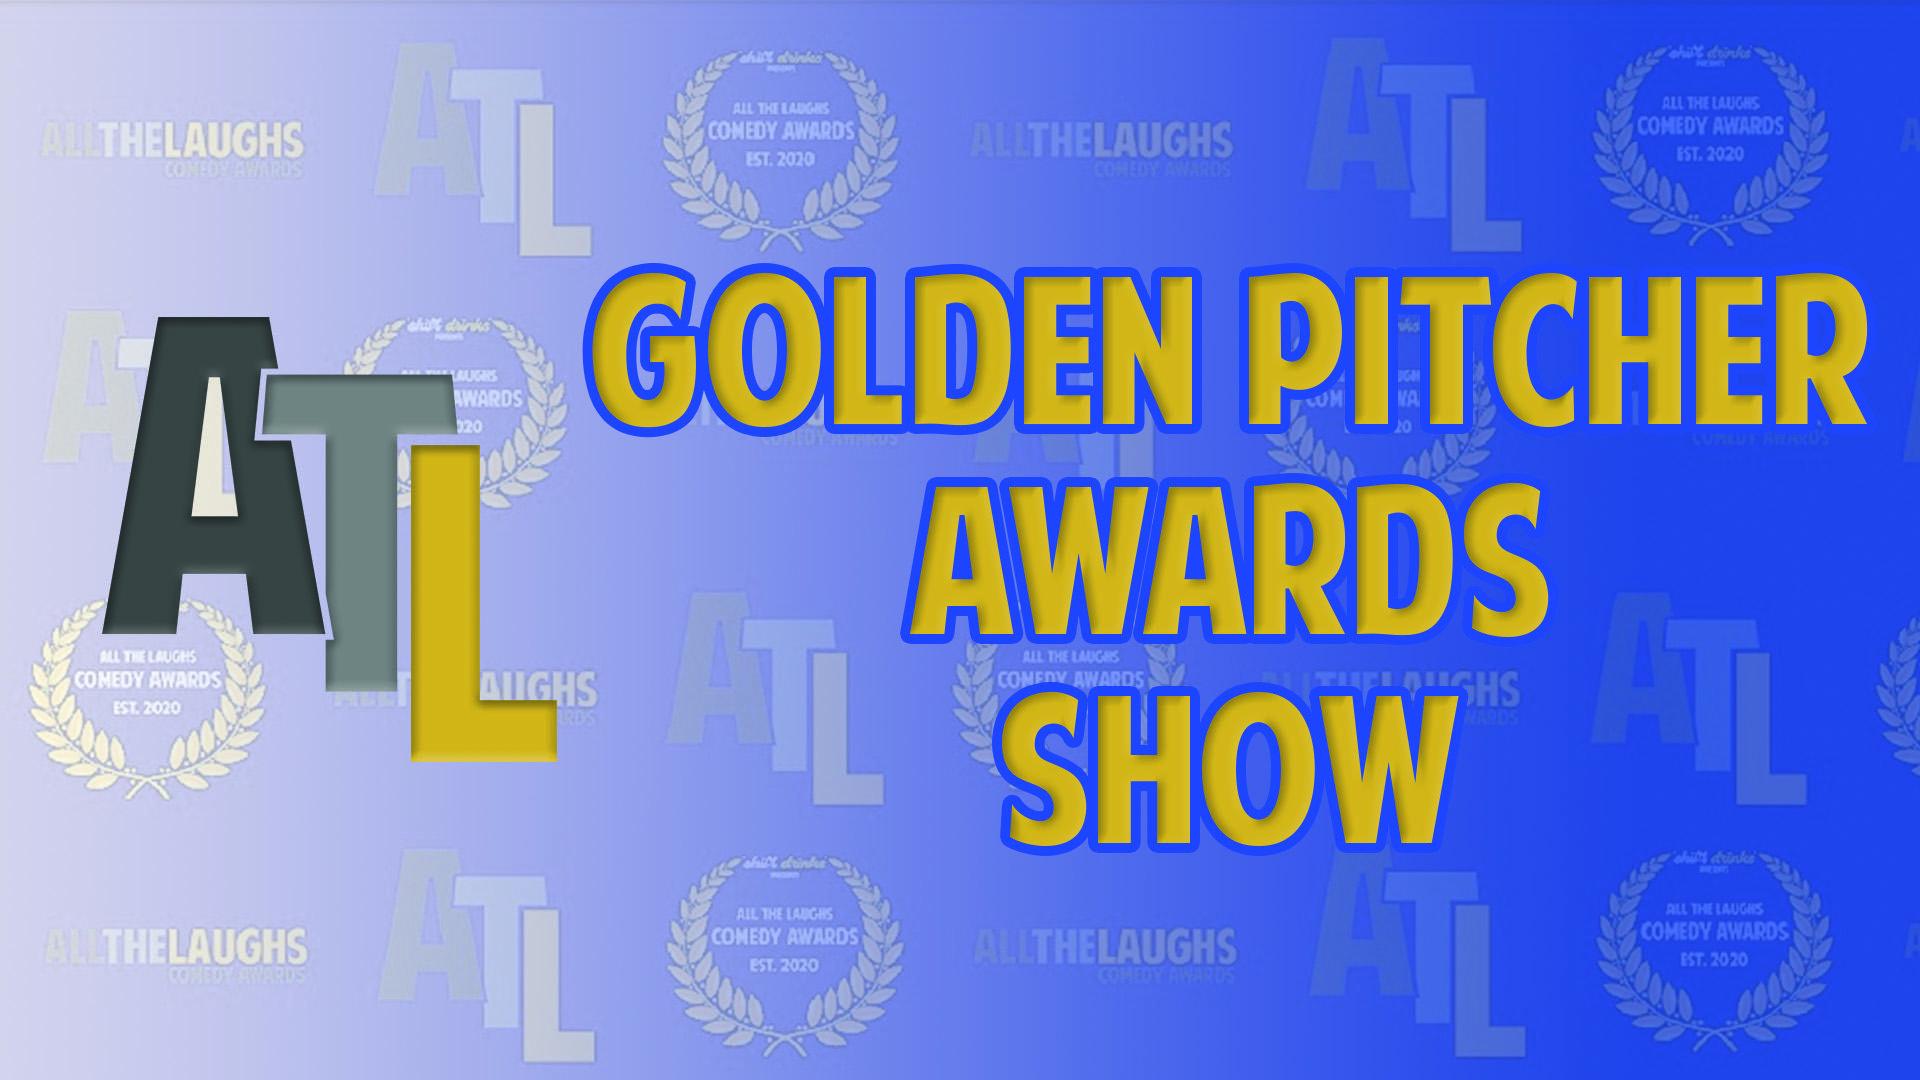 Golden Pitcher Awards Show